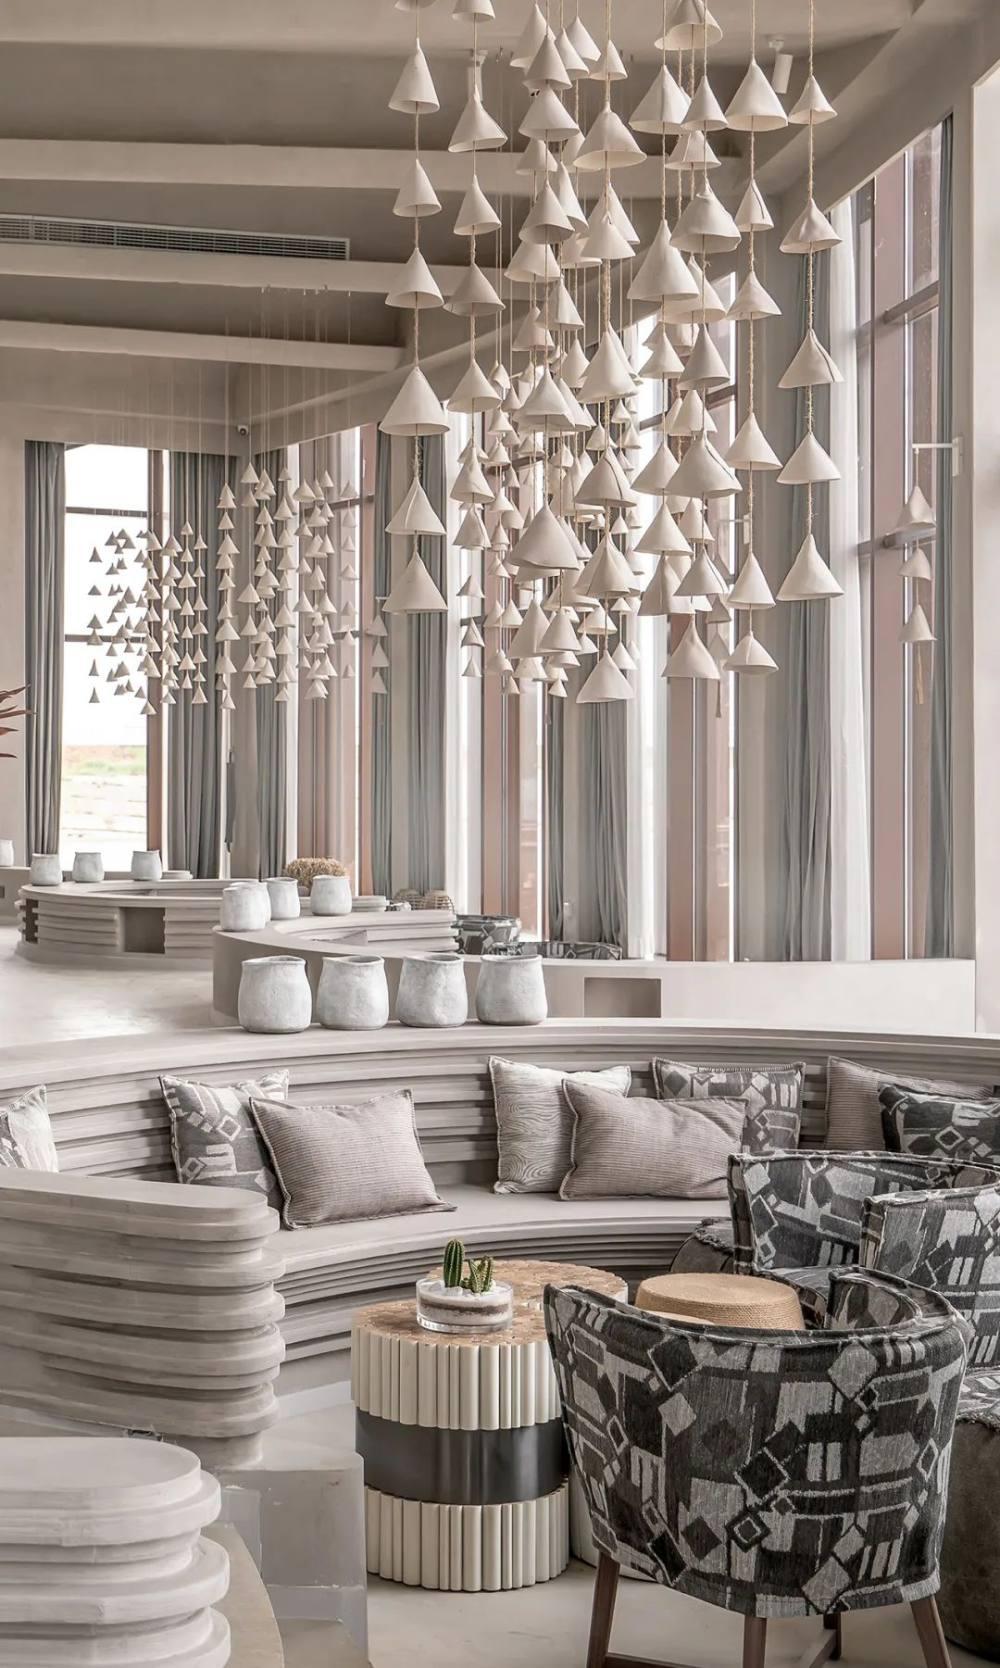 布鲁盟设计丨阳光城梵悦108:设计生活与艺术的共同体-42.jpg